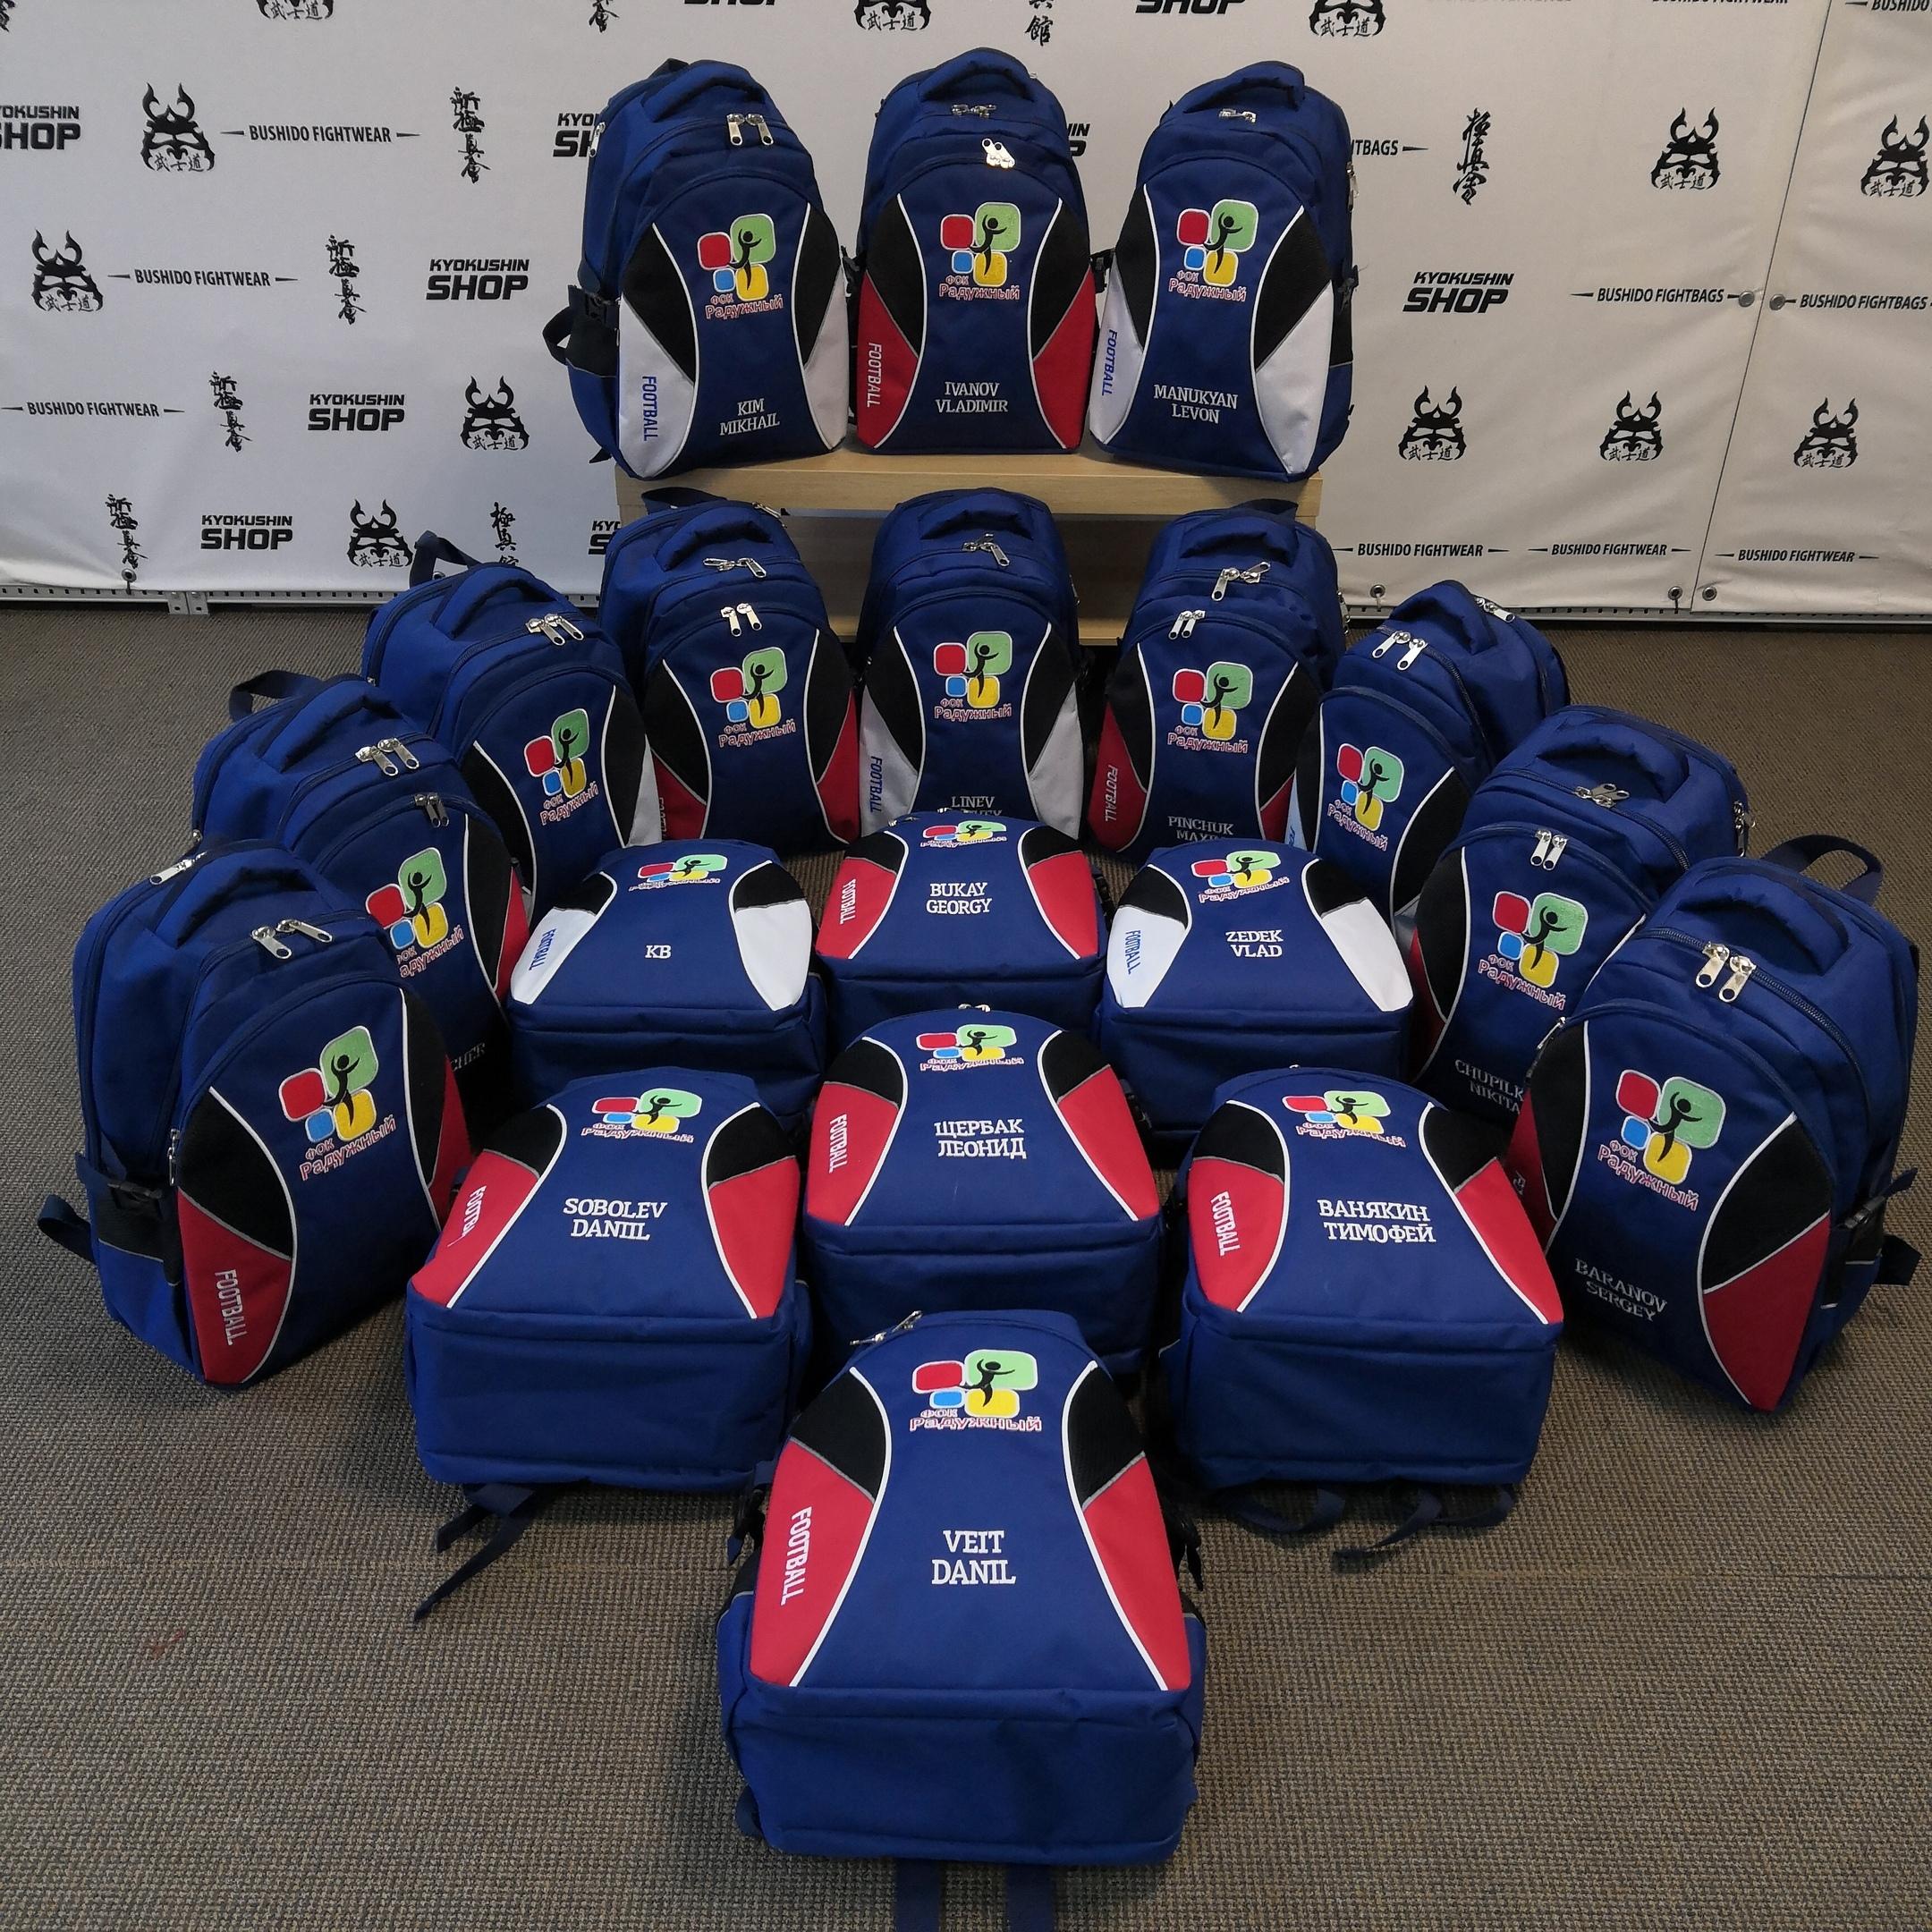 Какой футболист не обрадуется рюкзачку от BUSHIDO FIGHTBAGS?